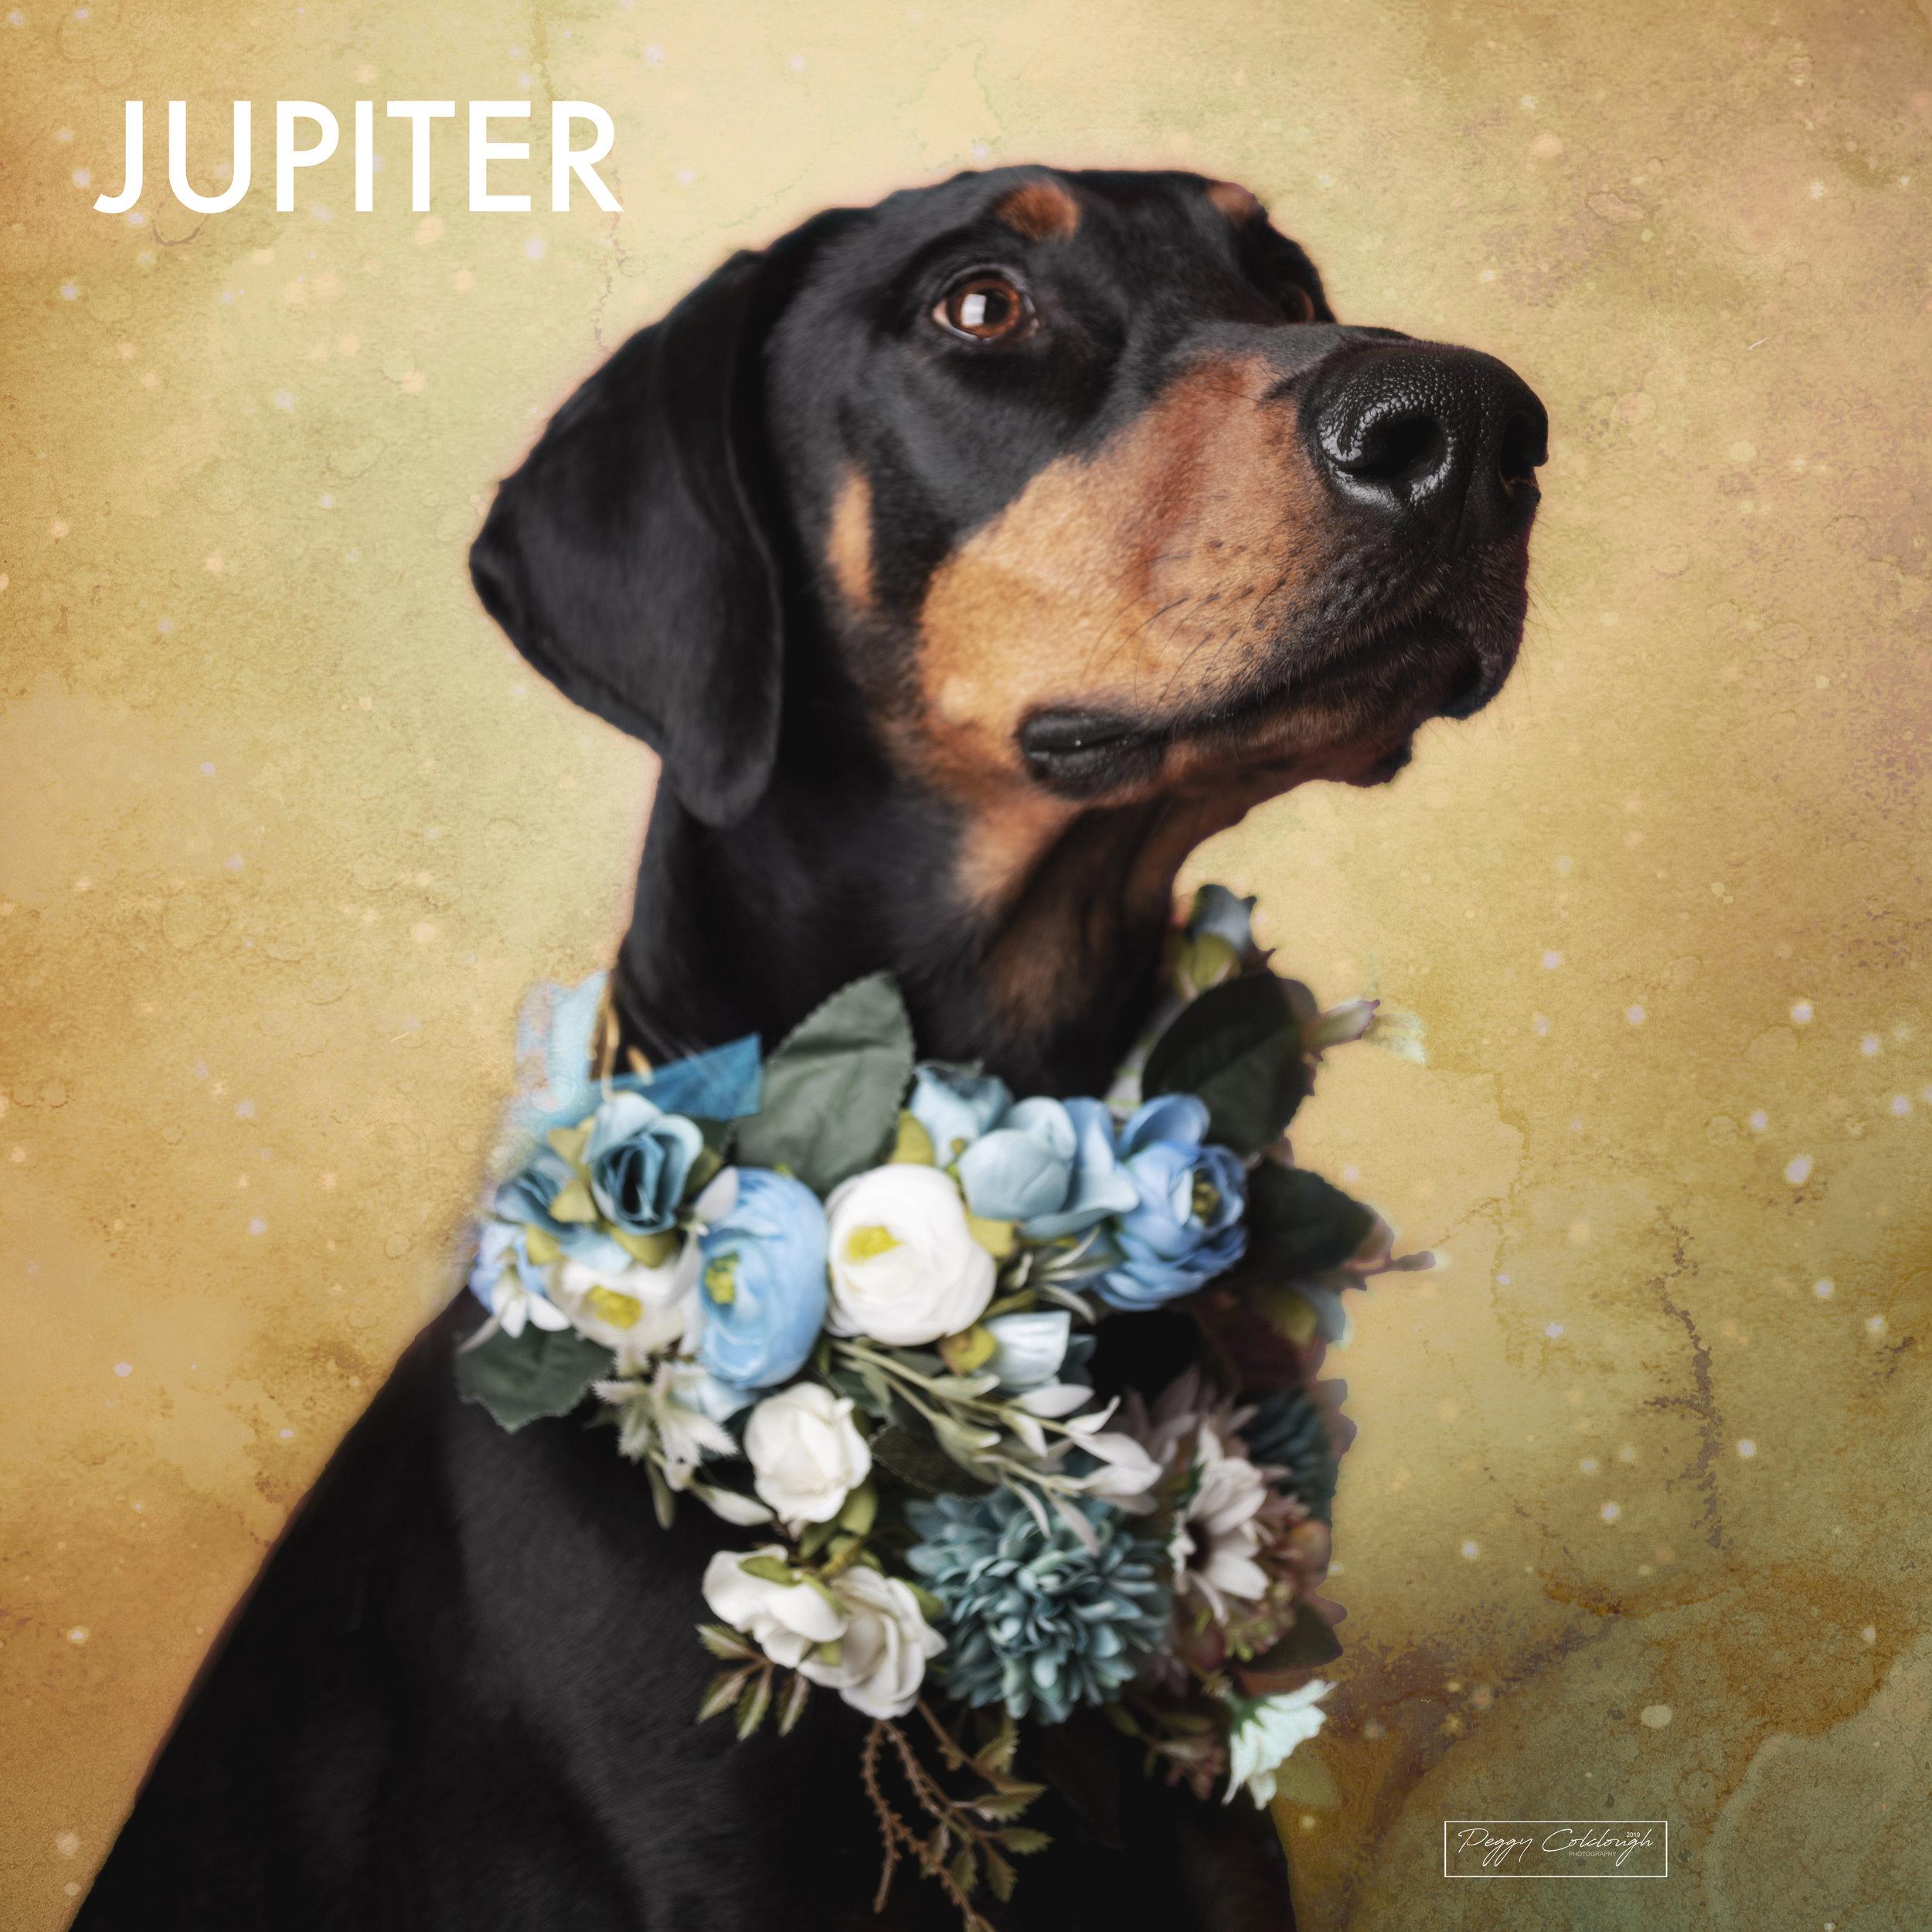 34. JUPITER.jpg